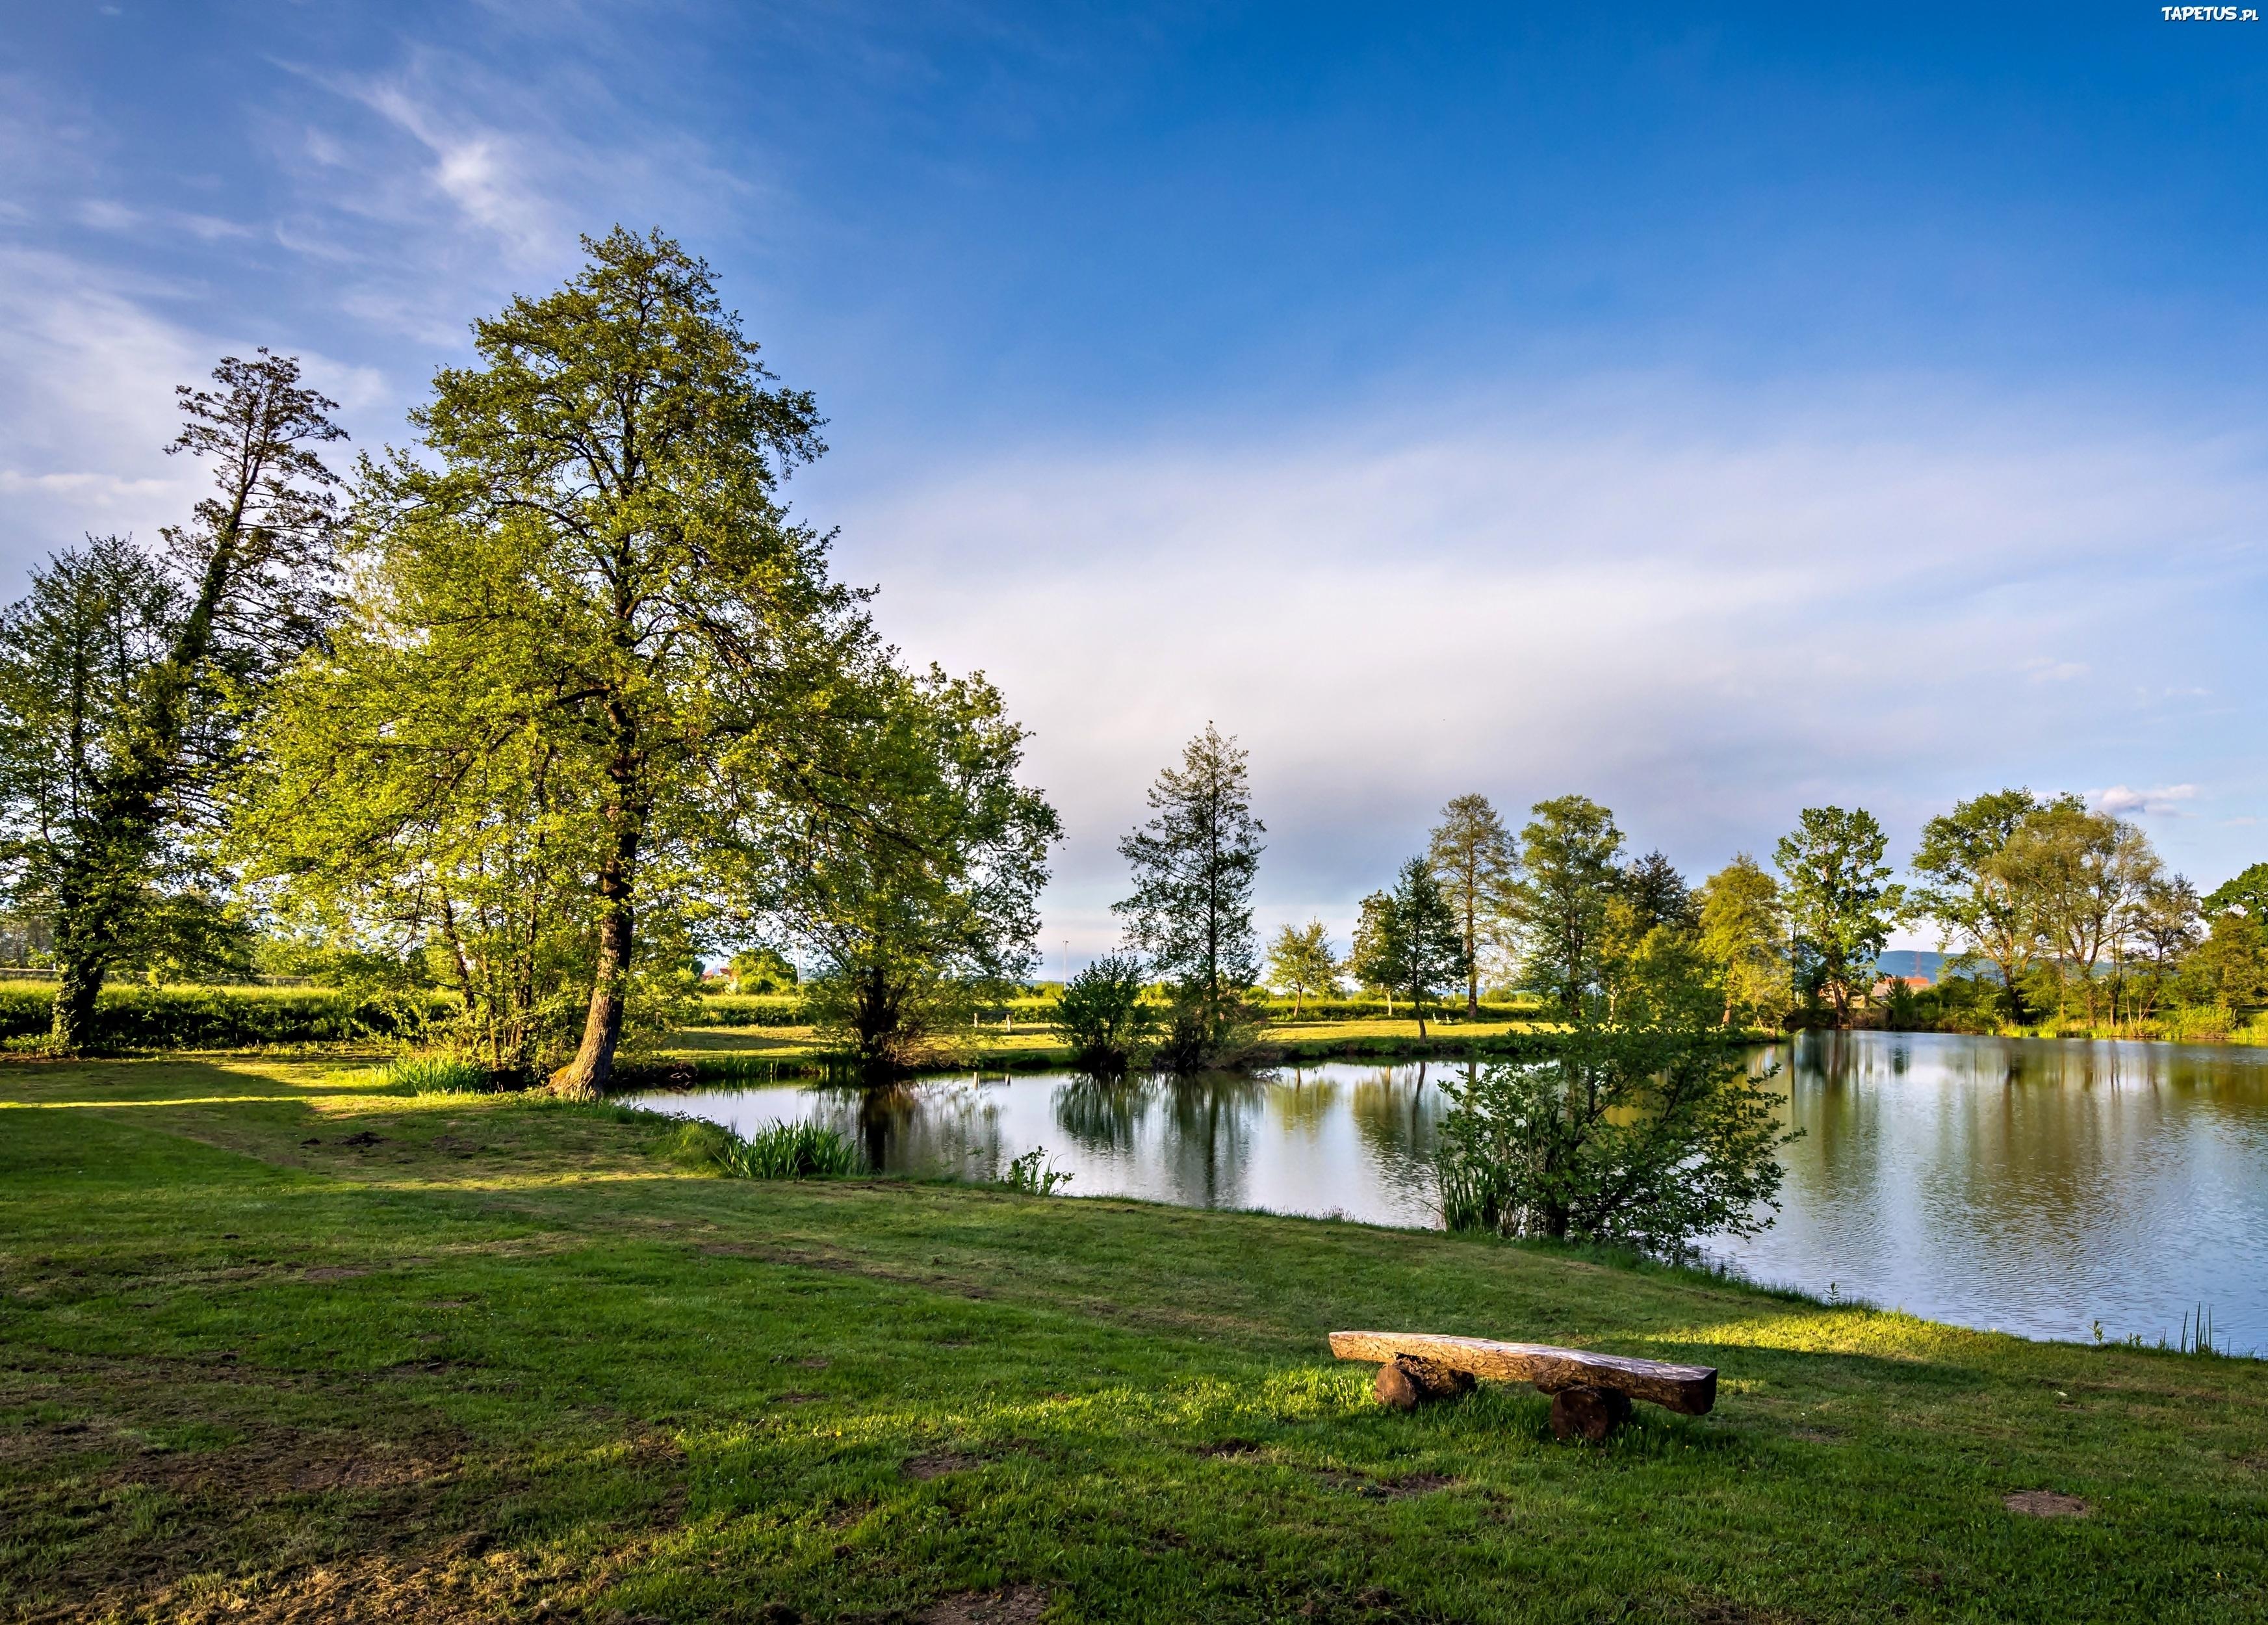 озеро деревья зелень лес лето  № 3246375 загрузить